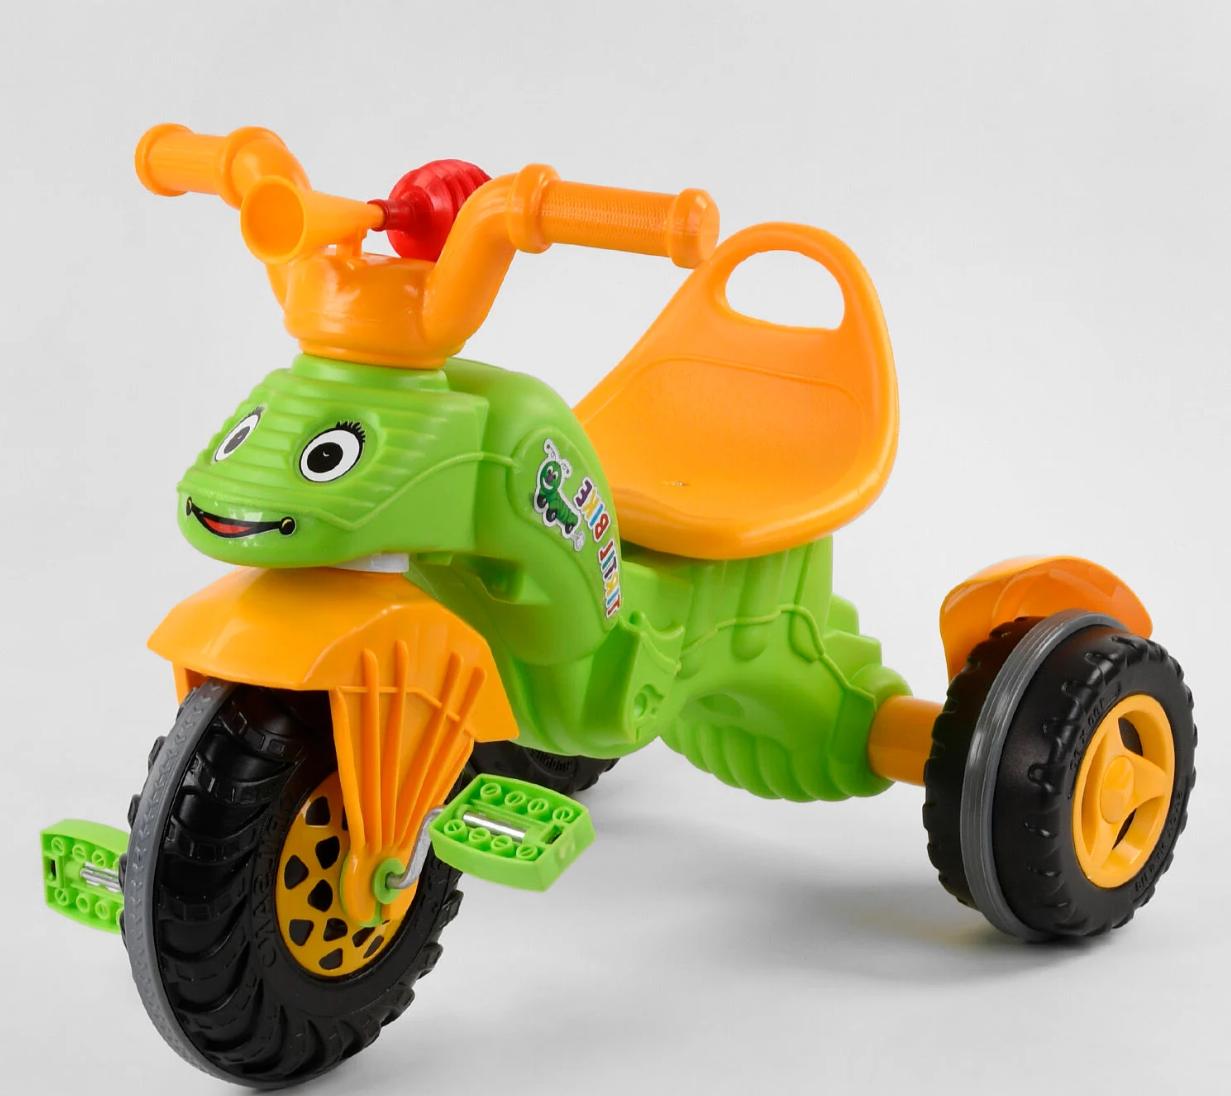 Дитячий триколісний велосипед, Eva колеса, клаксон на кермі, спинка з ручкою держателем, Pilsan 07-163